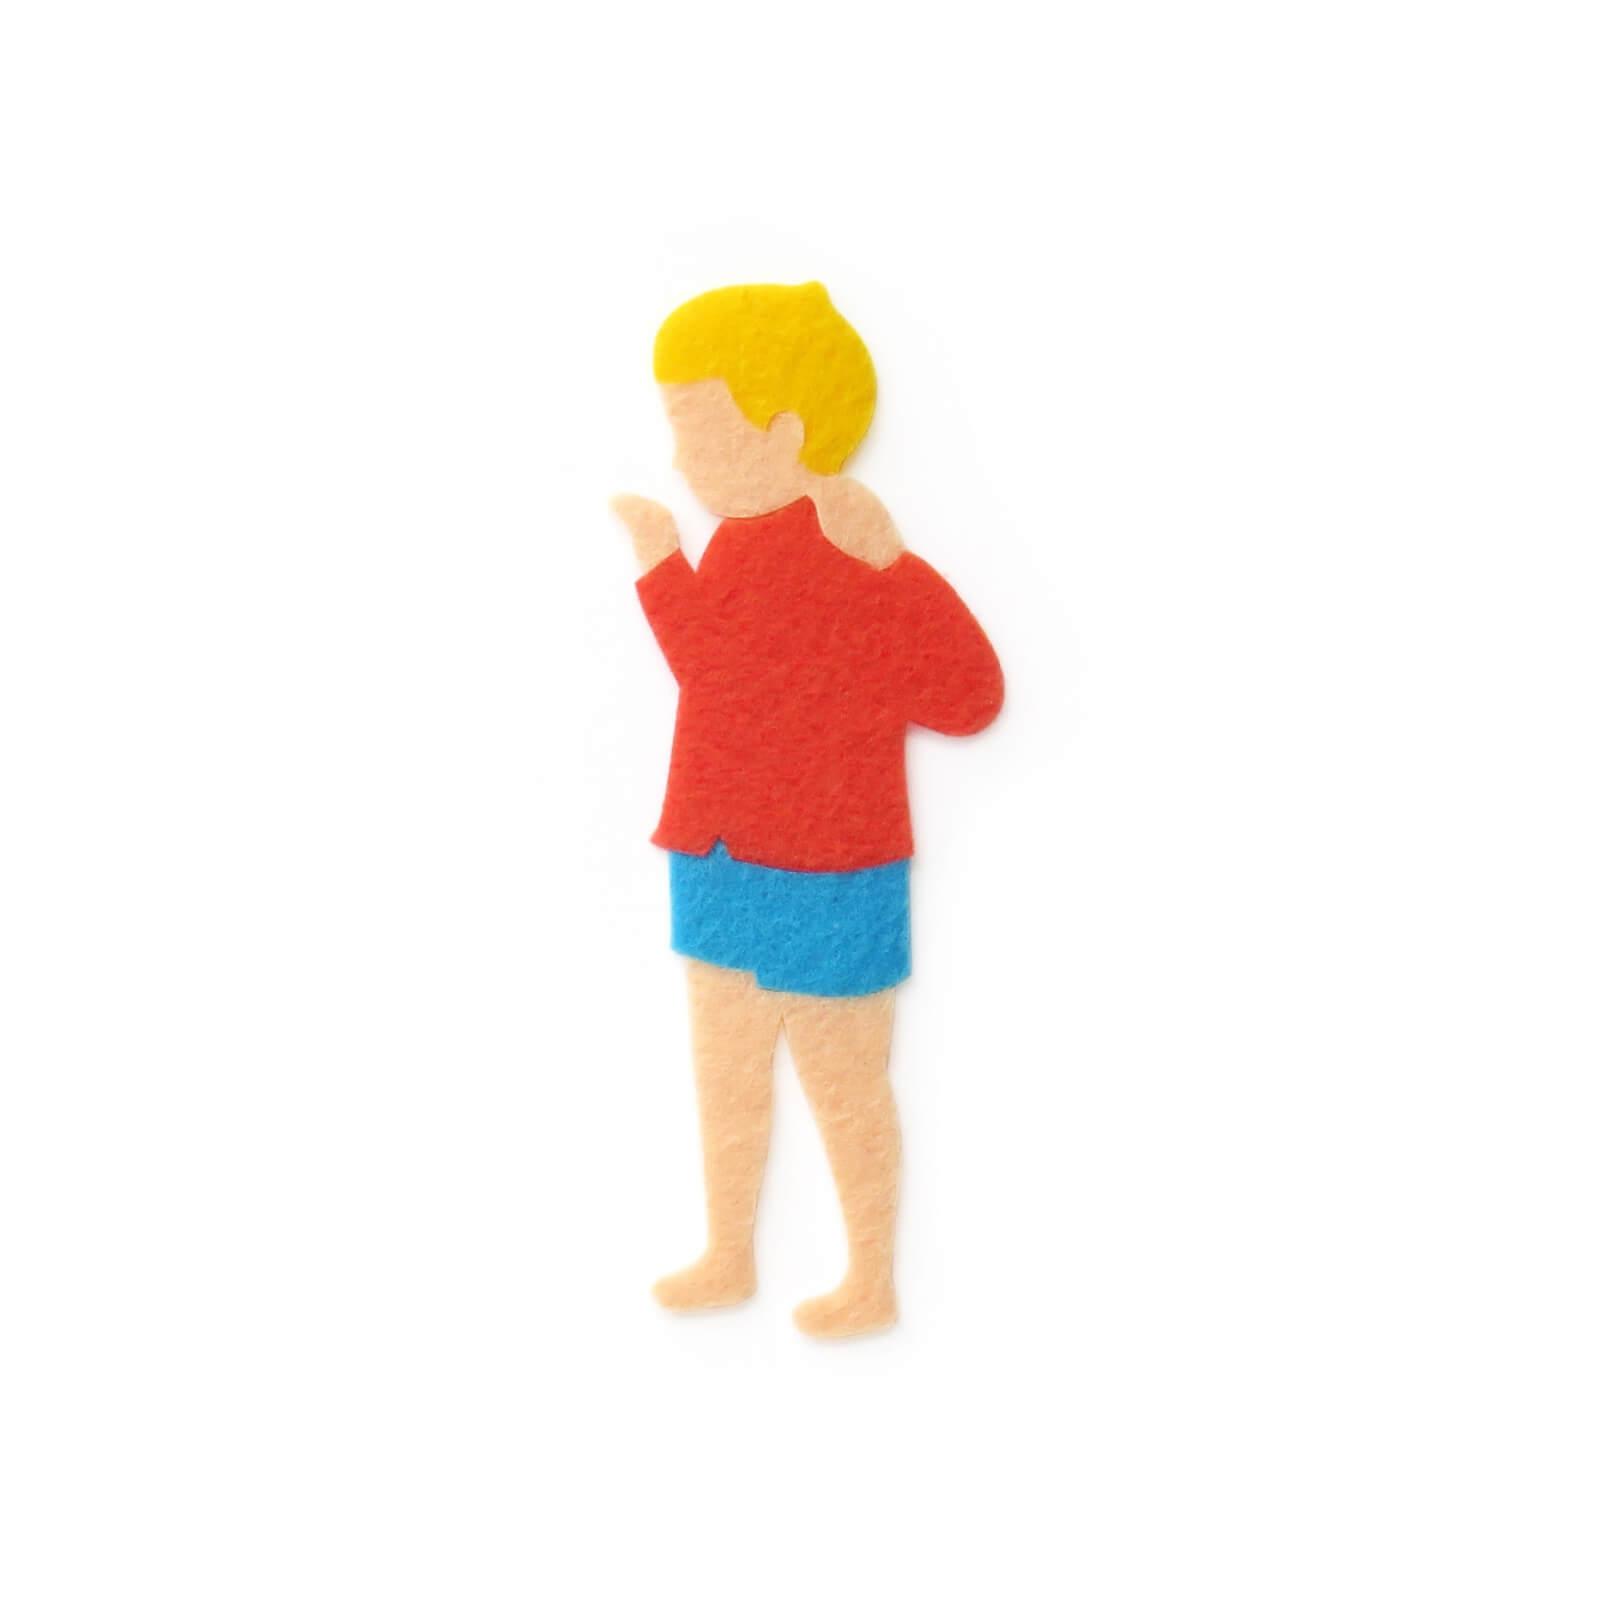 赤い服の男の子のアップリケ(ワッペン)